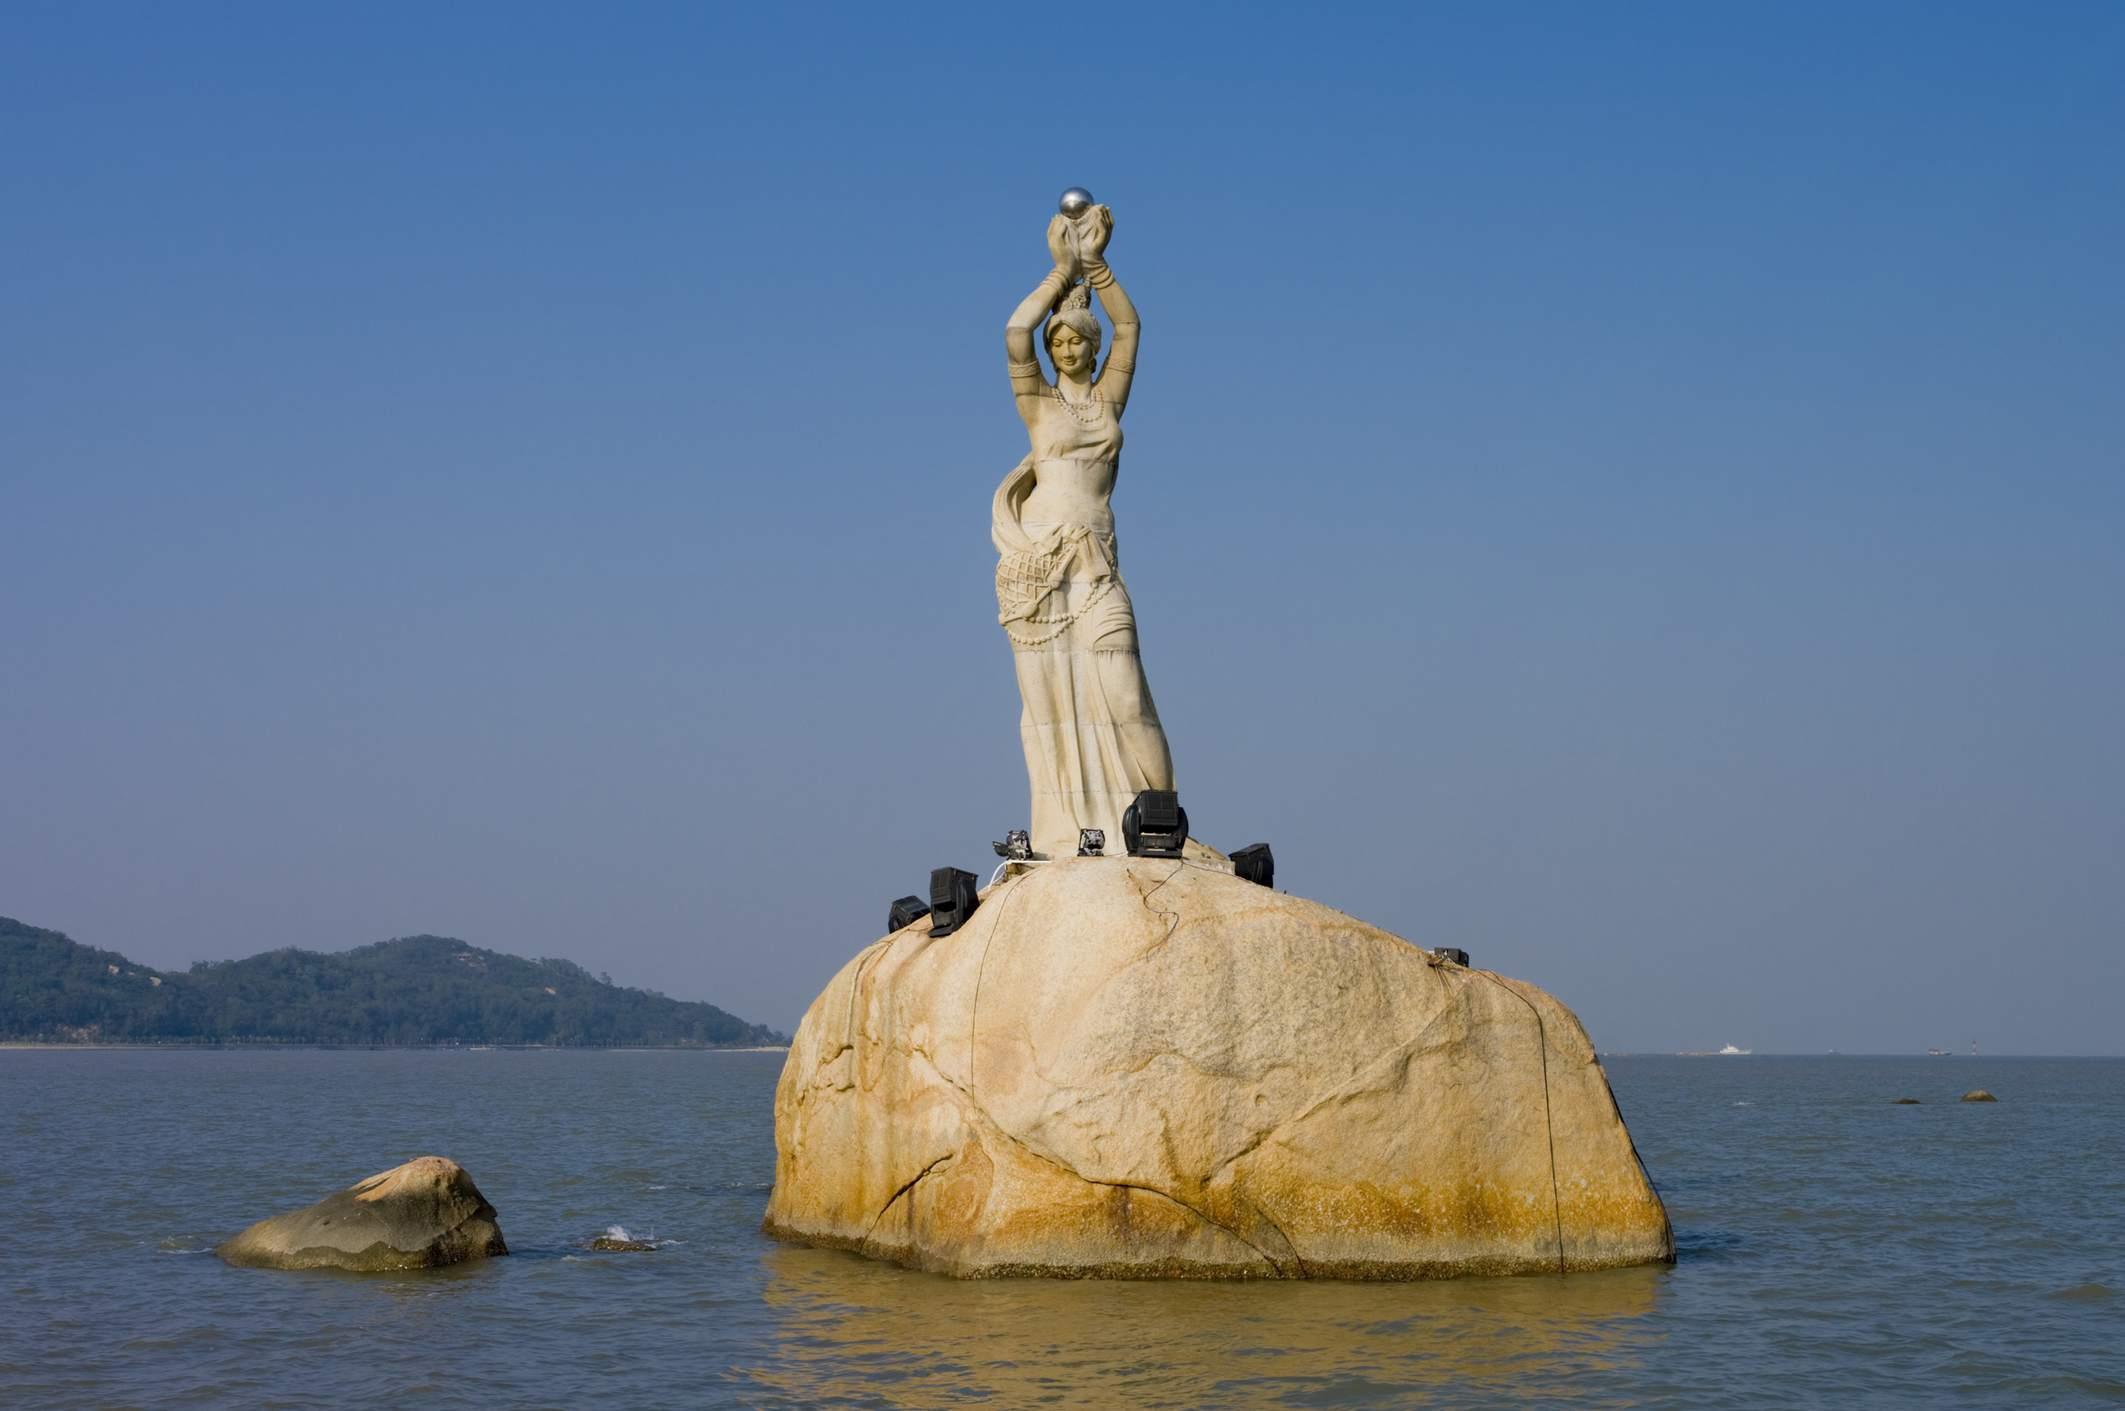 Fishergirl Statue, Zhuhai, Guangdong, China, 2008